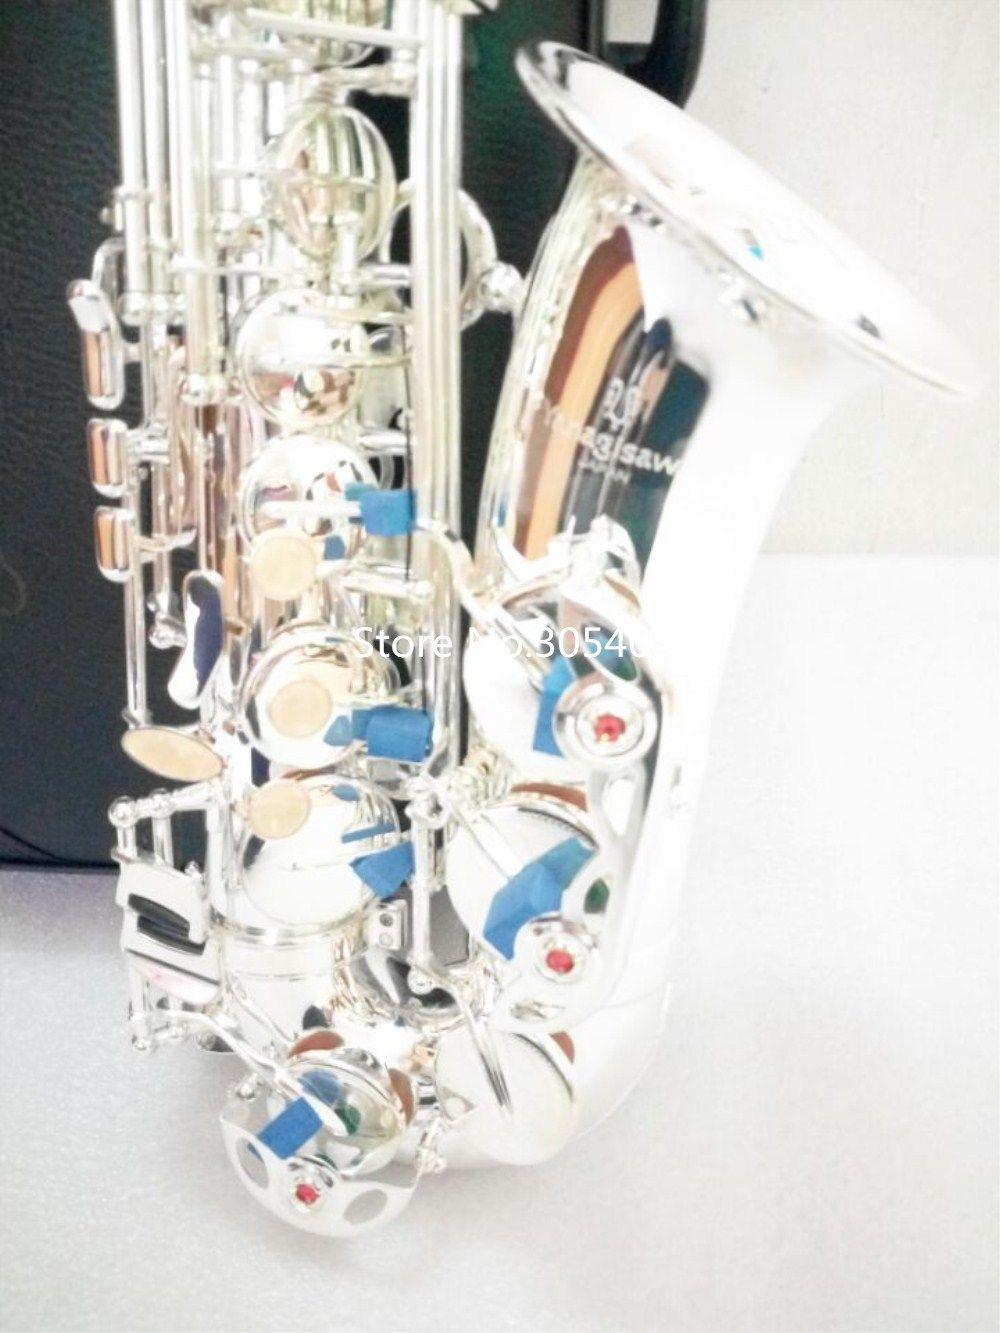 جودة عالية اليابان ألتو ياناجيساوا W-037 إب الفضة مطلي ألتو ياناجيسا ساكسفون الموسيقية المهنية الأداء الحر